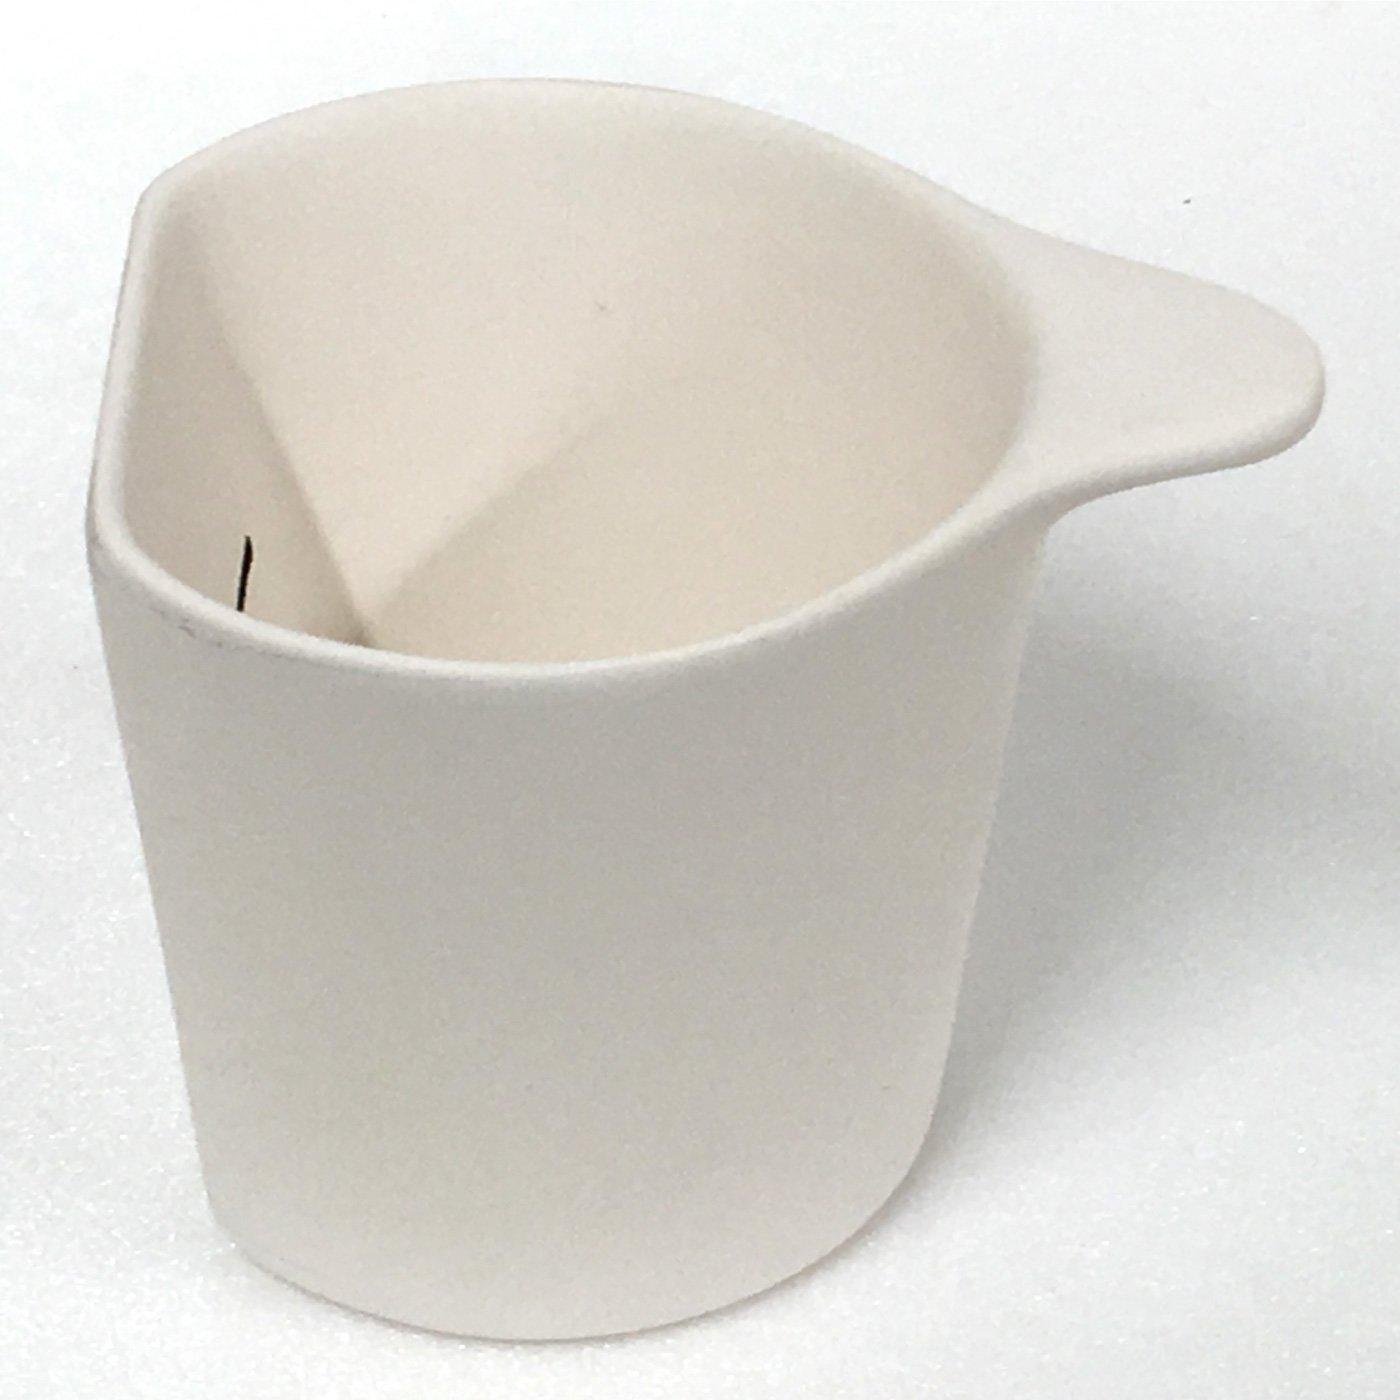 Karari 珪藻土ライスカップ1合